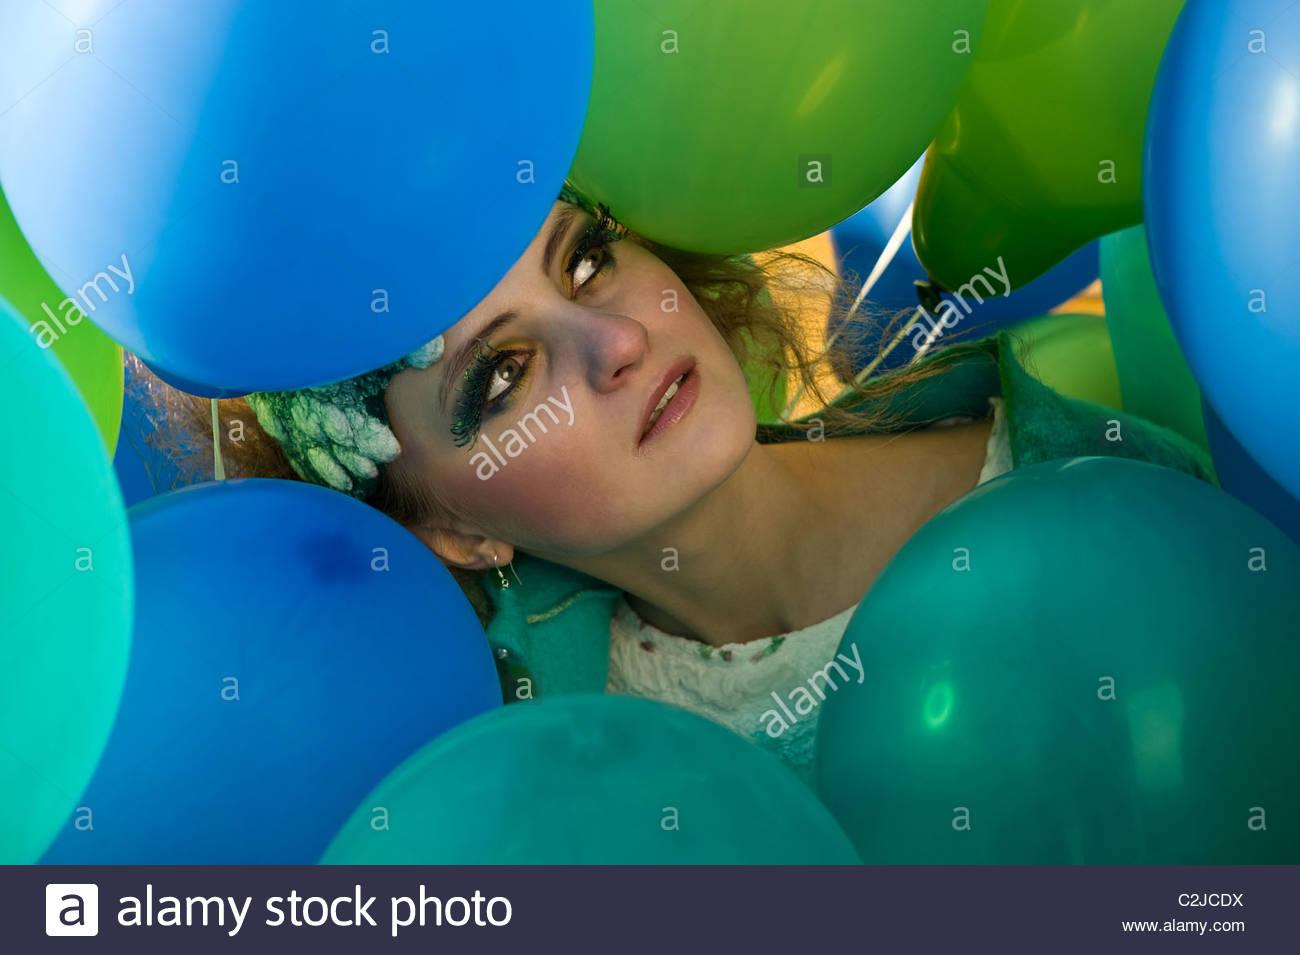 Ragazza giovane intorno i palloncini Immagini Stock